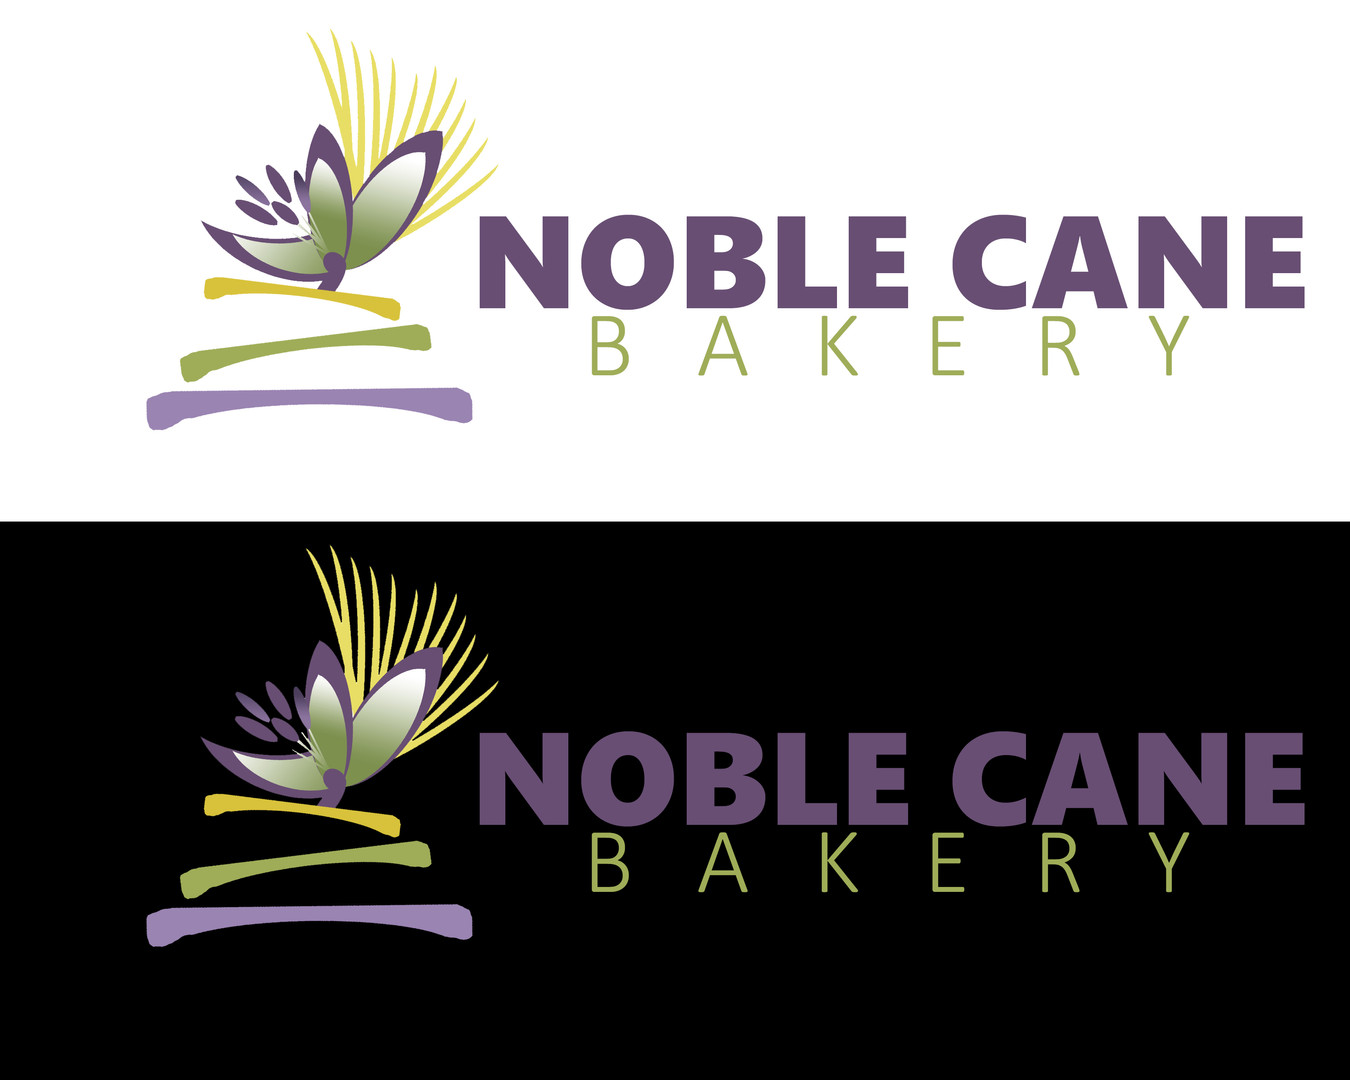 Noble Cane Bakery